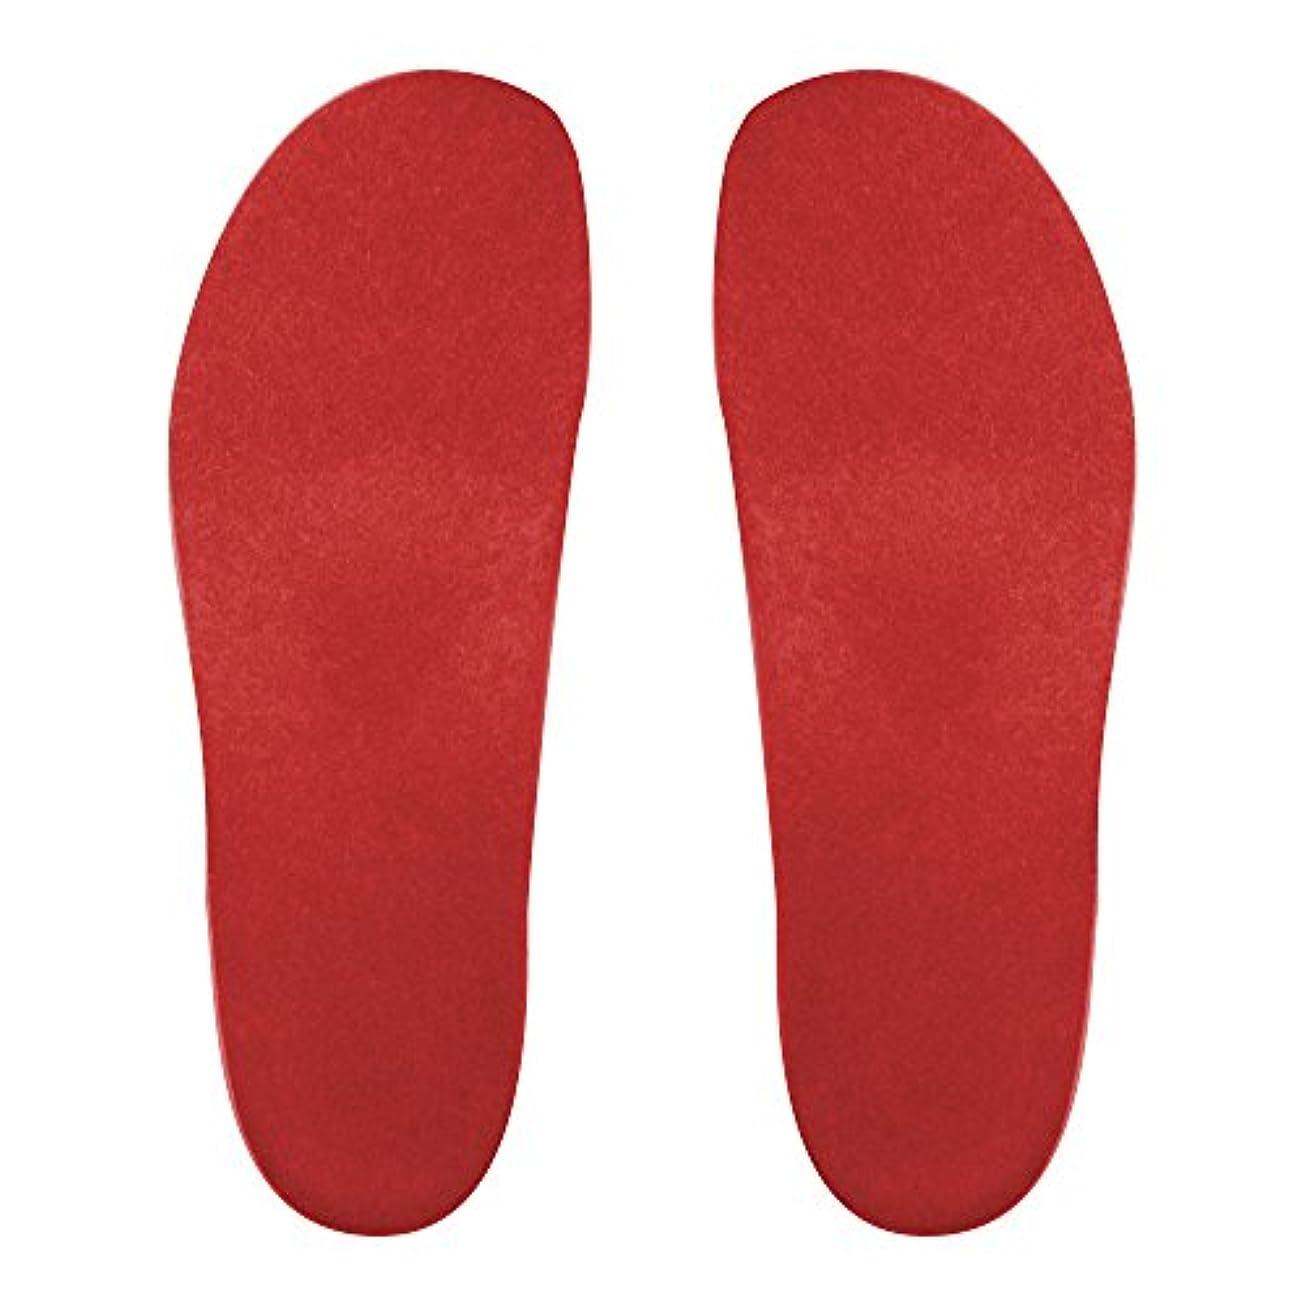 全体プログラムボイコットプレミアムルームシューズ「フットローブ ピエモンテ / footrobe Piemonte」専用外反母趾対策フェルトインソール(レッド)女性用 25.0cm